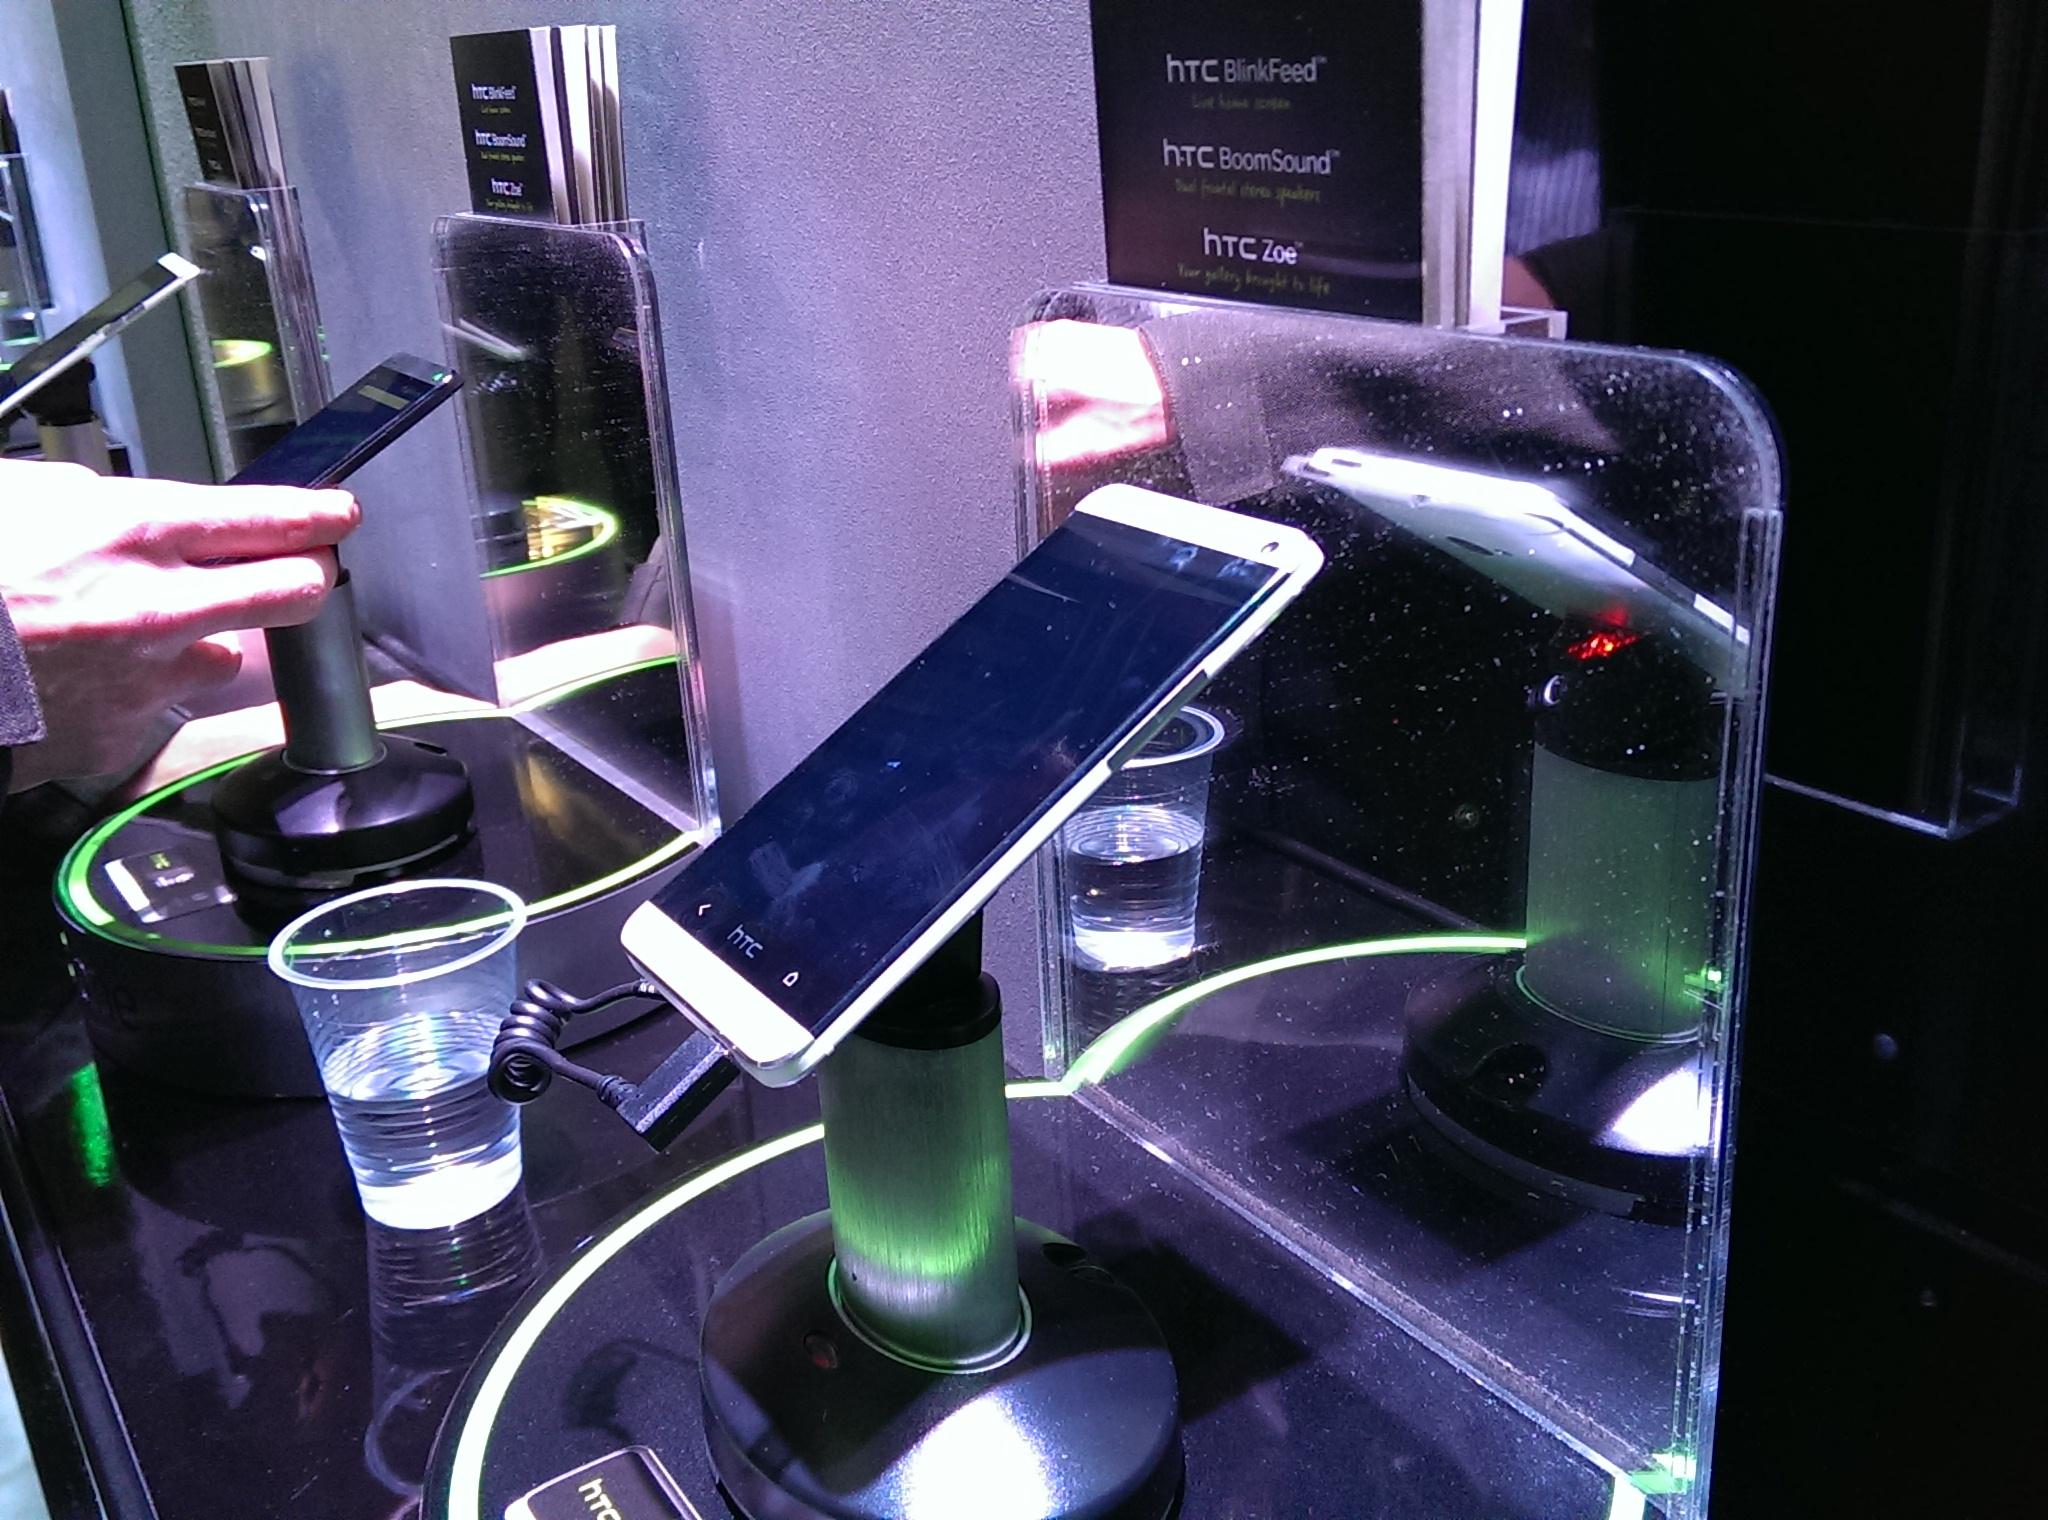 HTC-One-Cámara- (3)